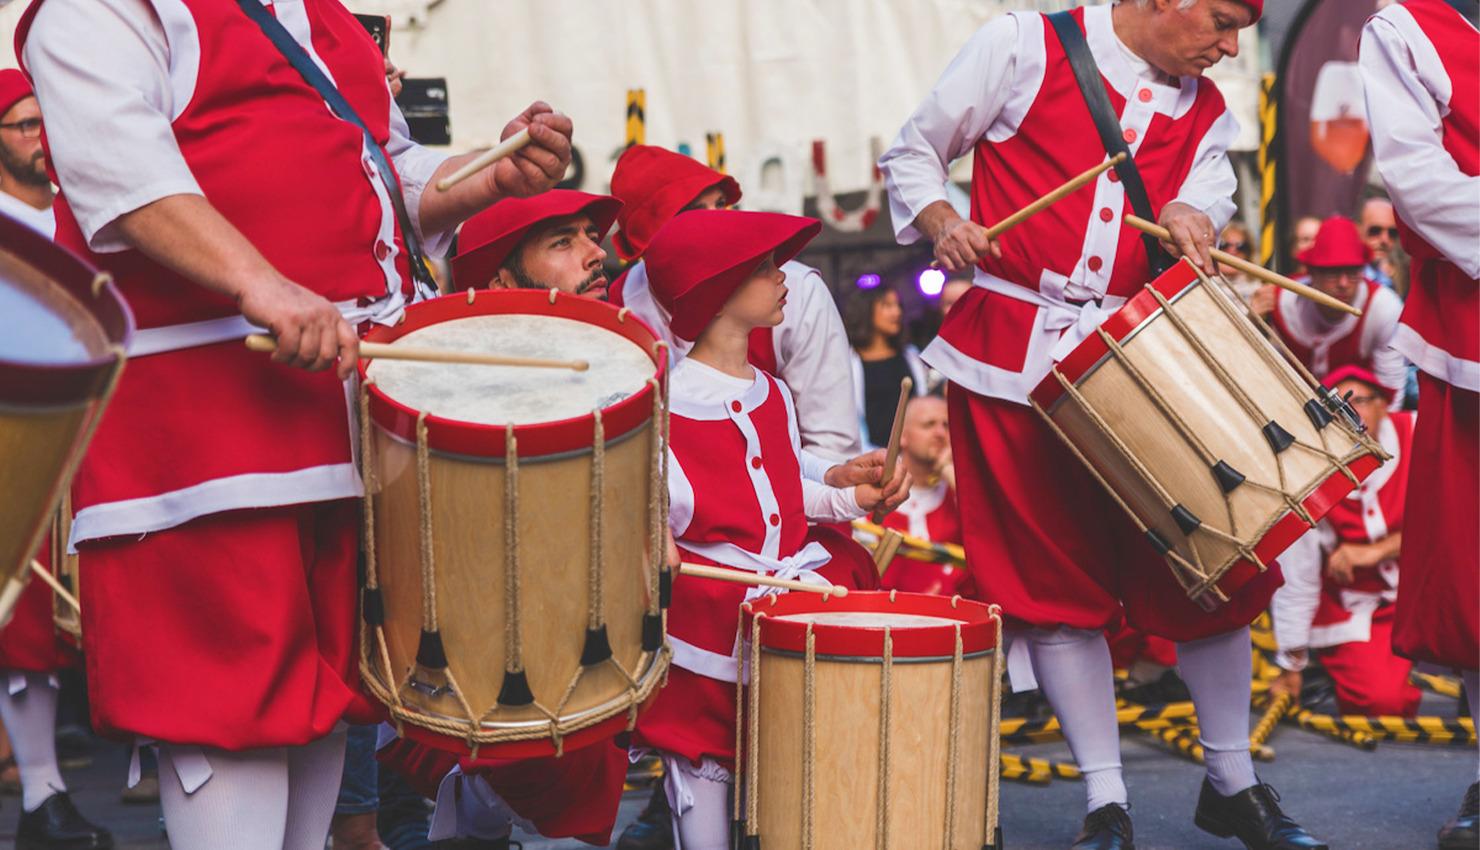 Festival-Valonia-zancos-magazinehorse